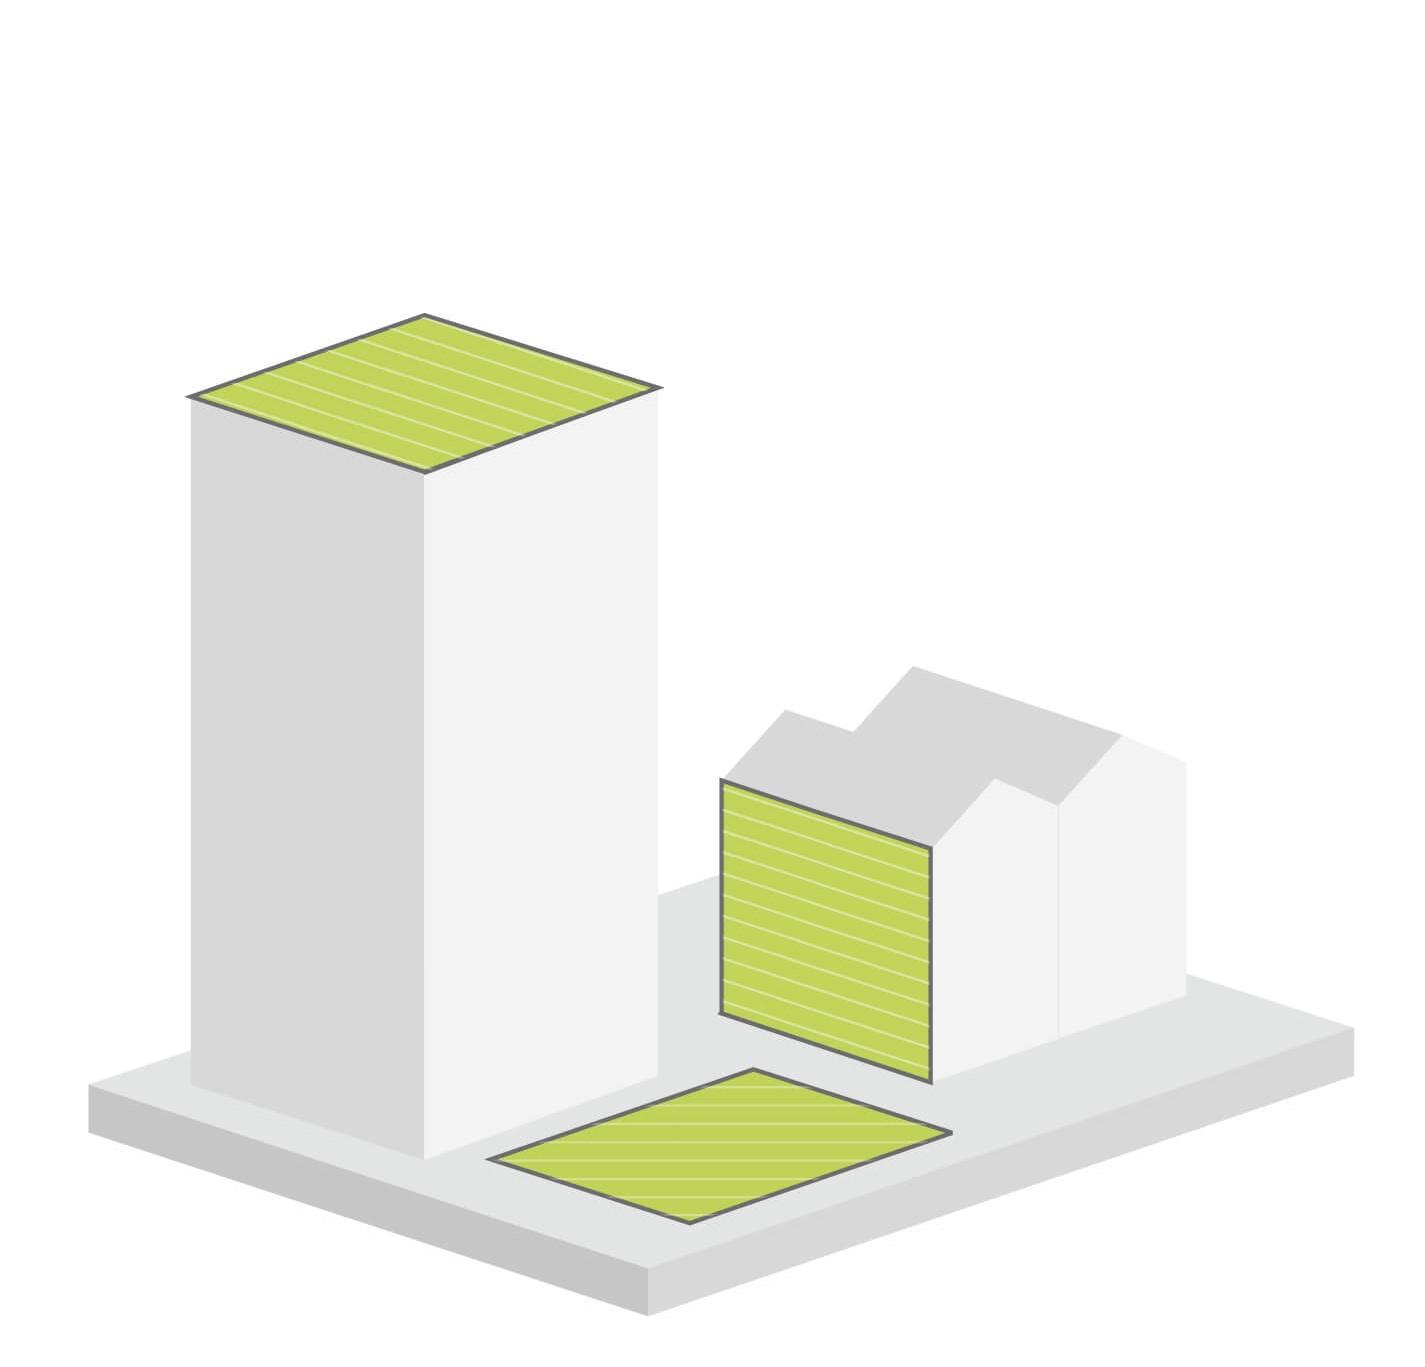 felixx-greenicons-greening.jpg